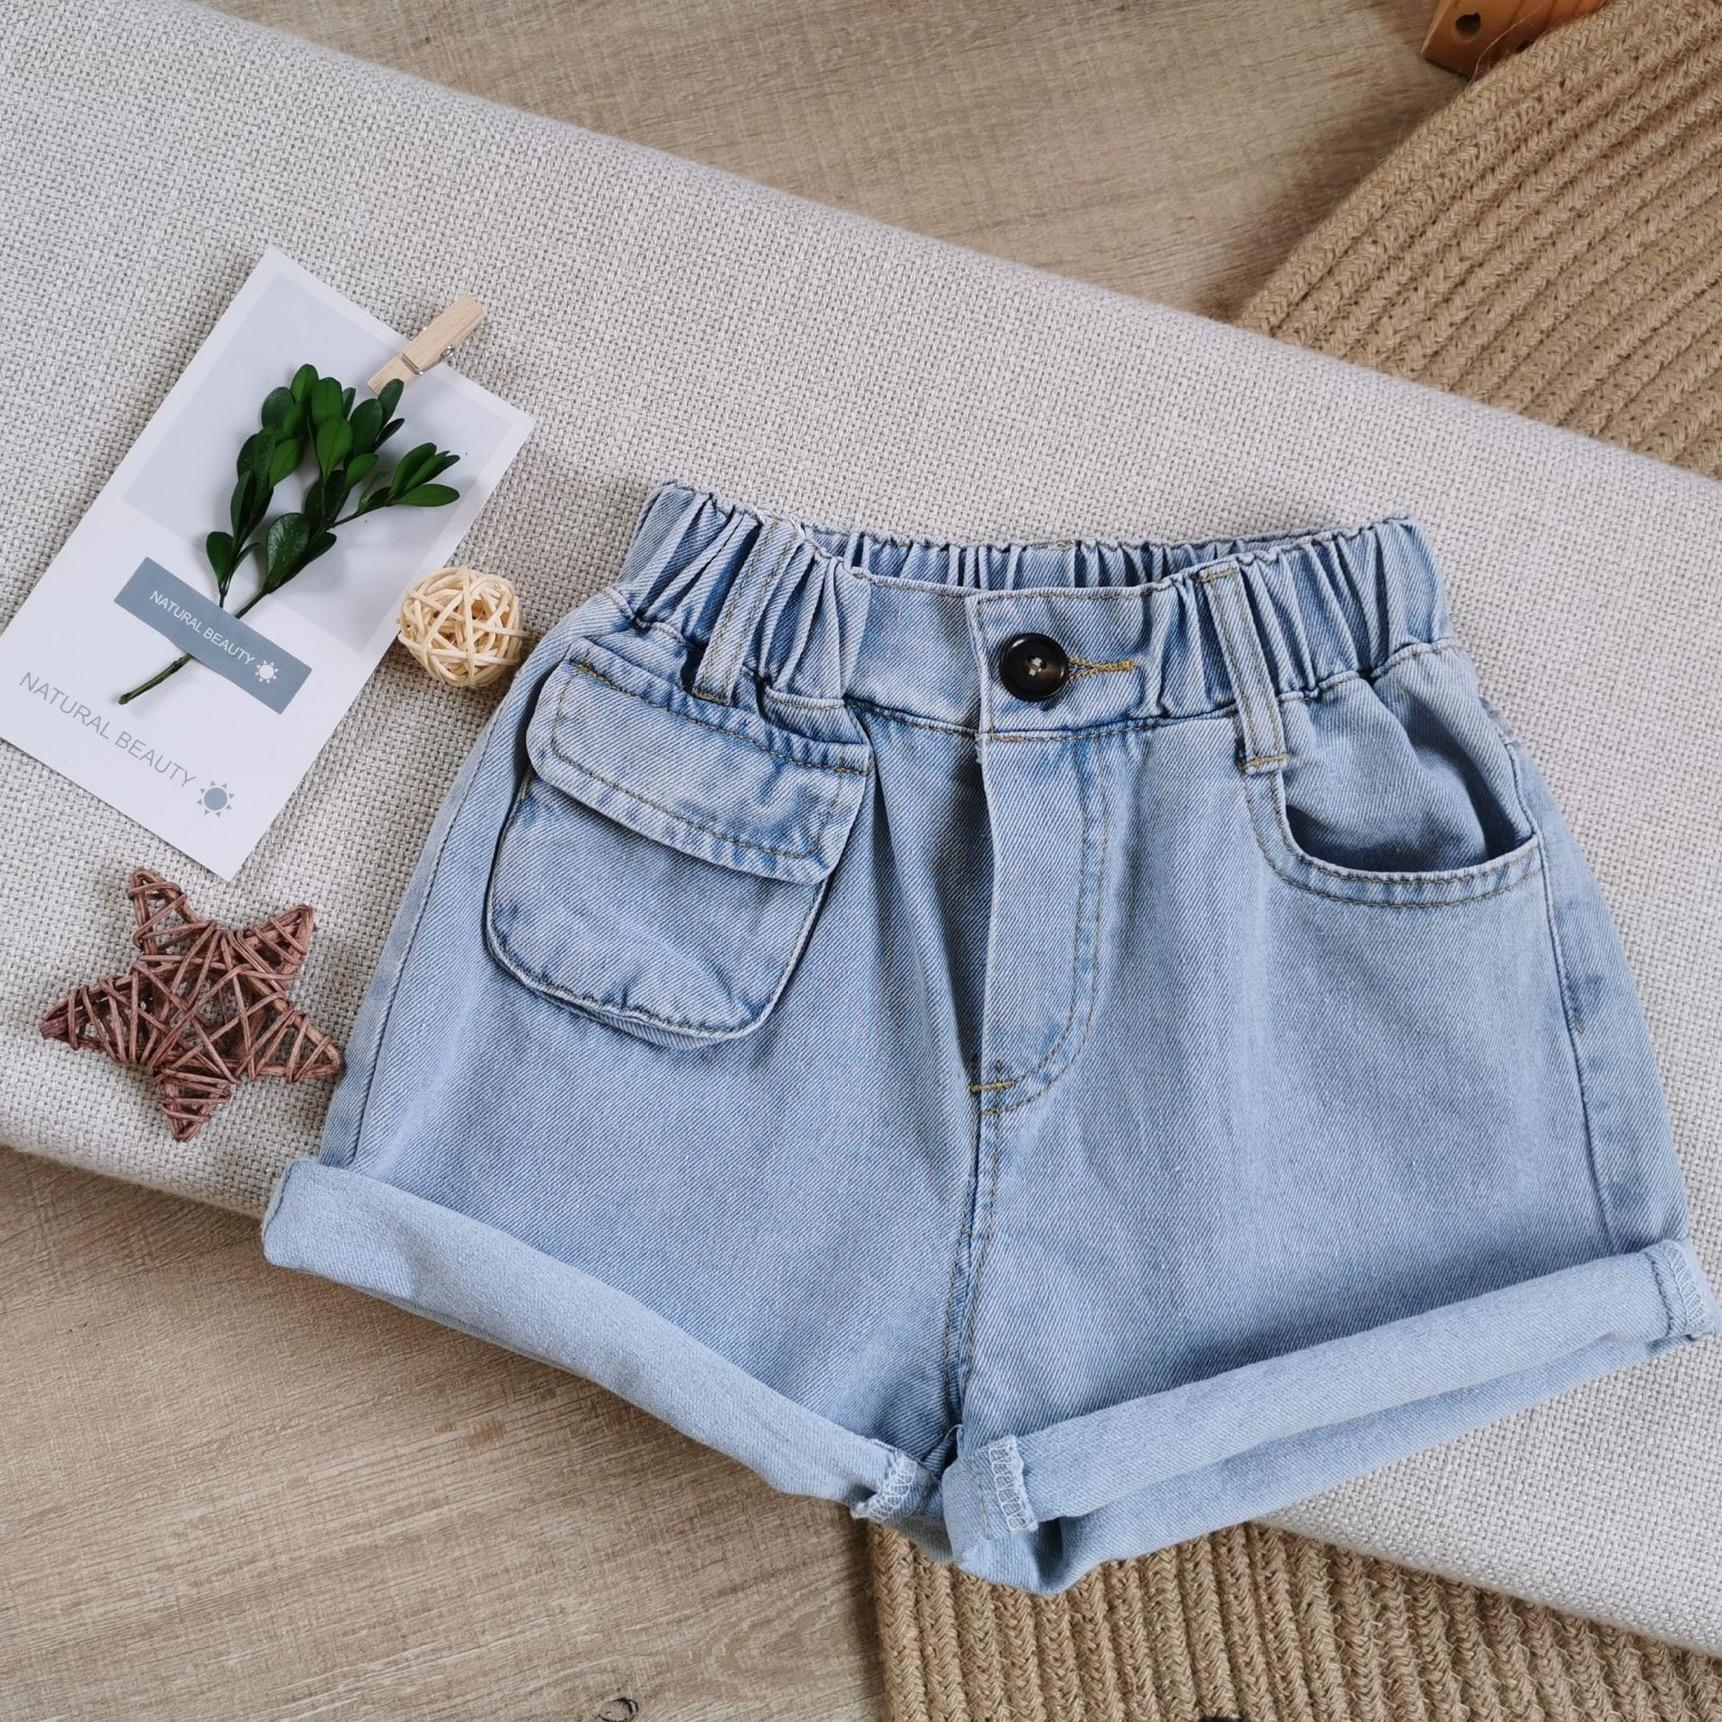 Qualité INS enfants fille Jeans Shorts Pantalons Sac élastique poches Nouveau style d'été Denim pour enfants court Pantalones Cortos enfants Hot Pant